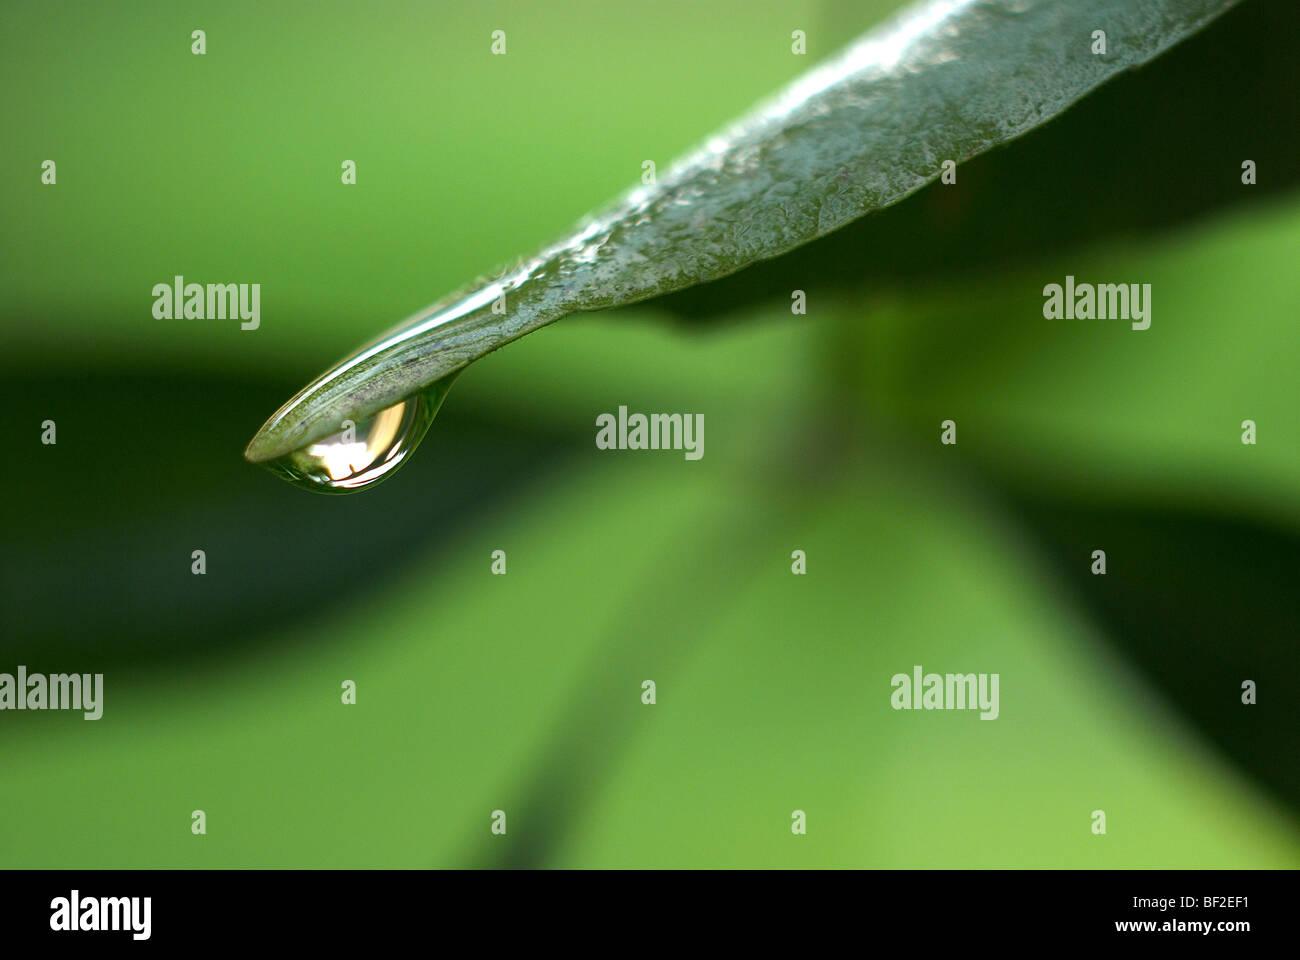 Foglia verde, pioggia caduta, acqua goccia goccia di rugiada, macro close-up ravvicinato, rugiada, pioggia, acqua, Immagini Stock